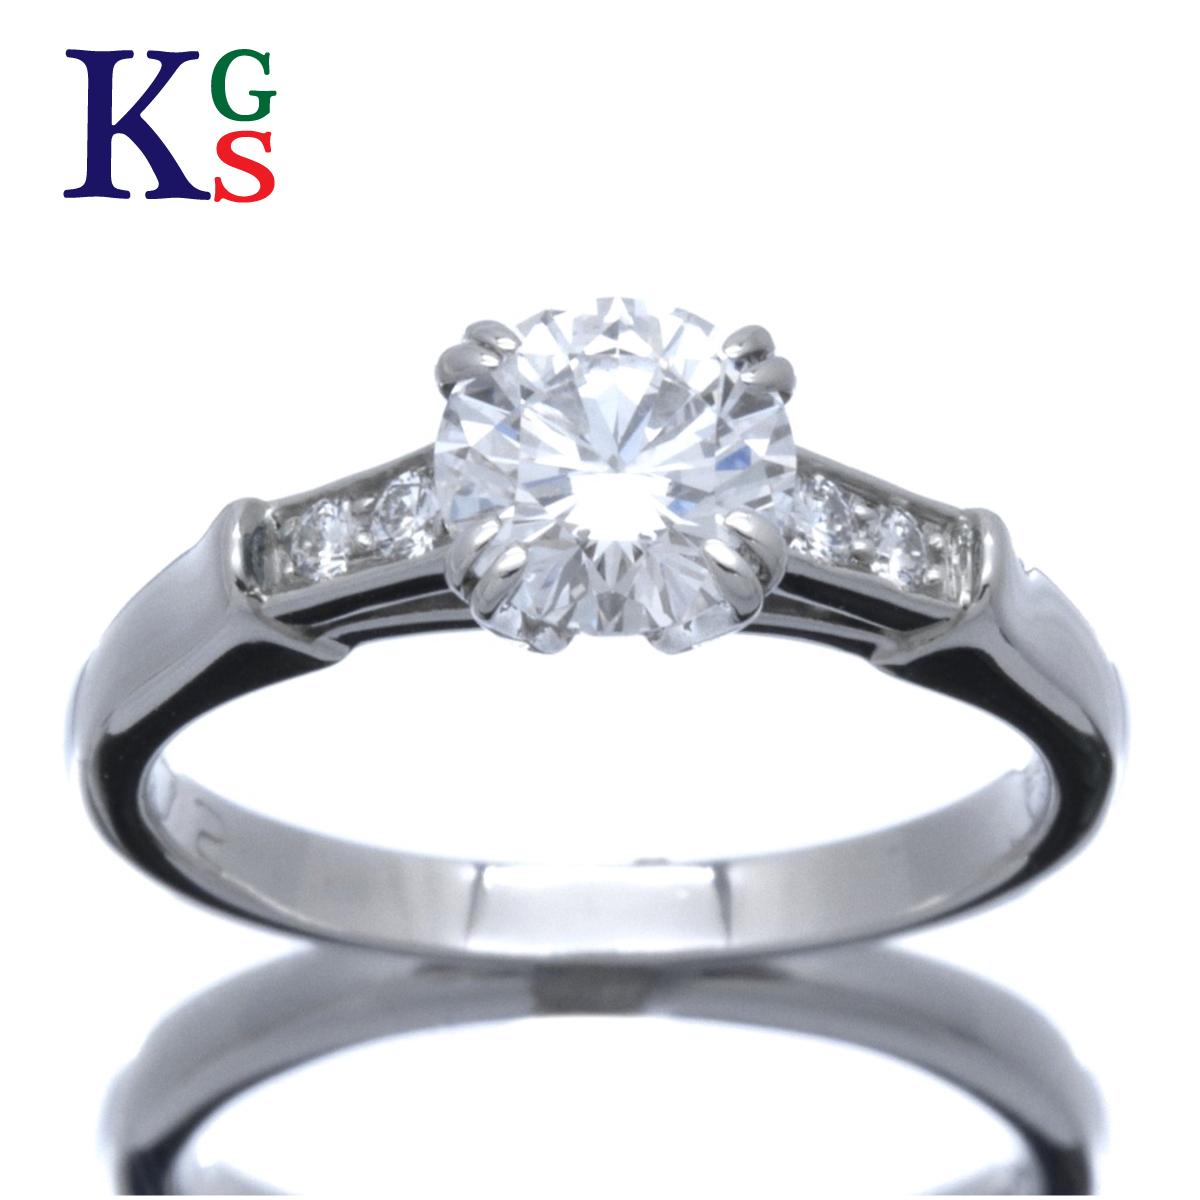 【ギフト品質】【名入れ】【0.72ct】ハリーウィンストン/Harry Winston レディース トリストリング エンゲージリング 婚約指輪 Pt950×ダイヤモンド プラチナ プロポーズリング